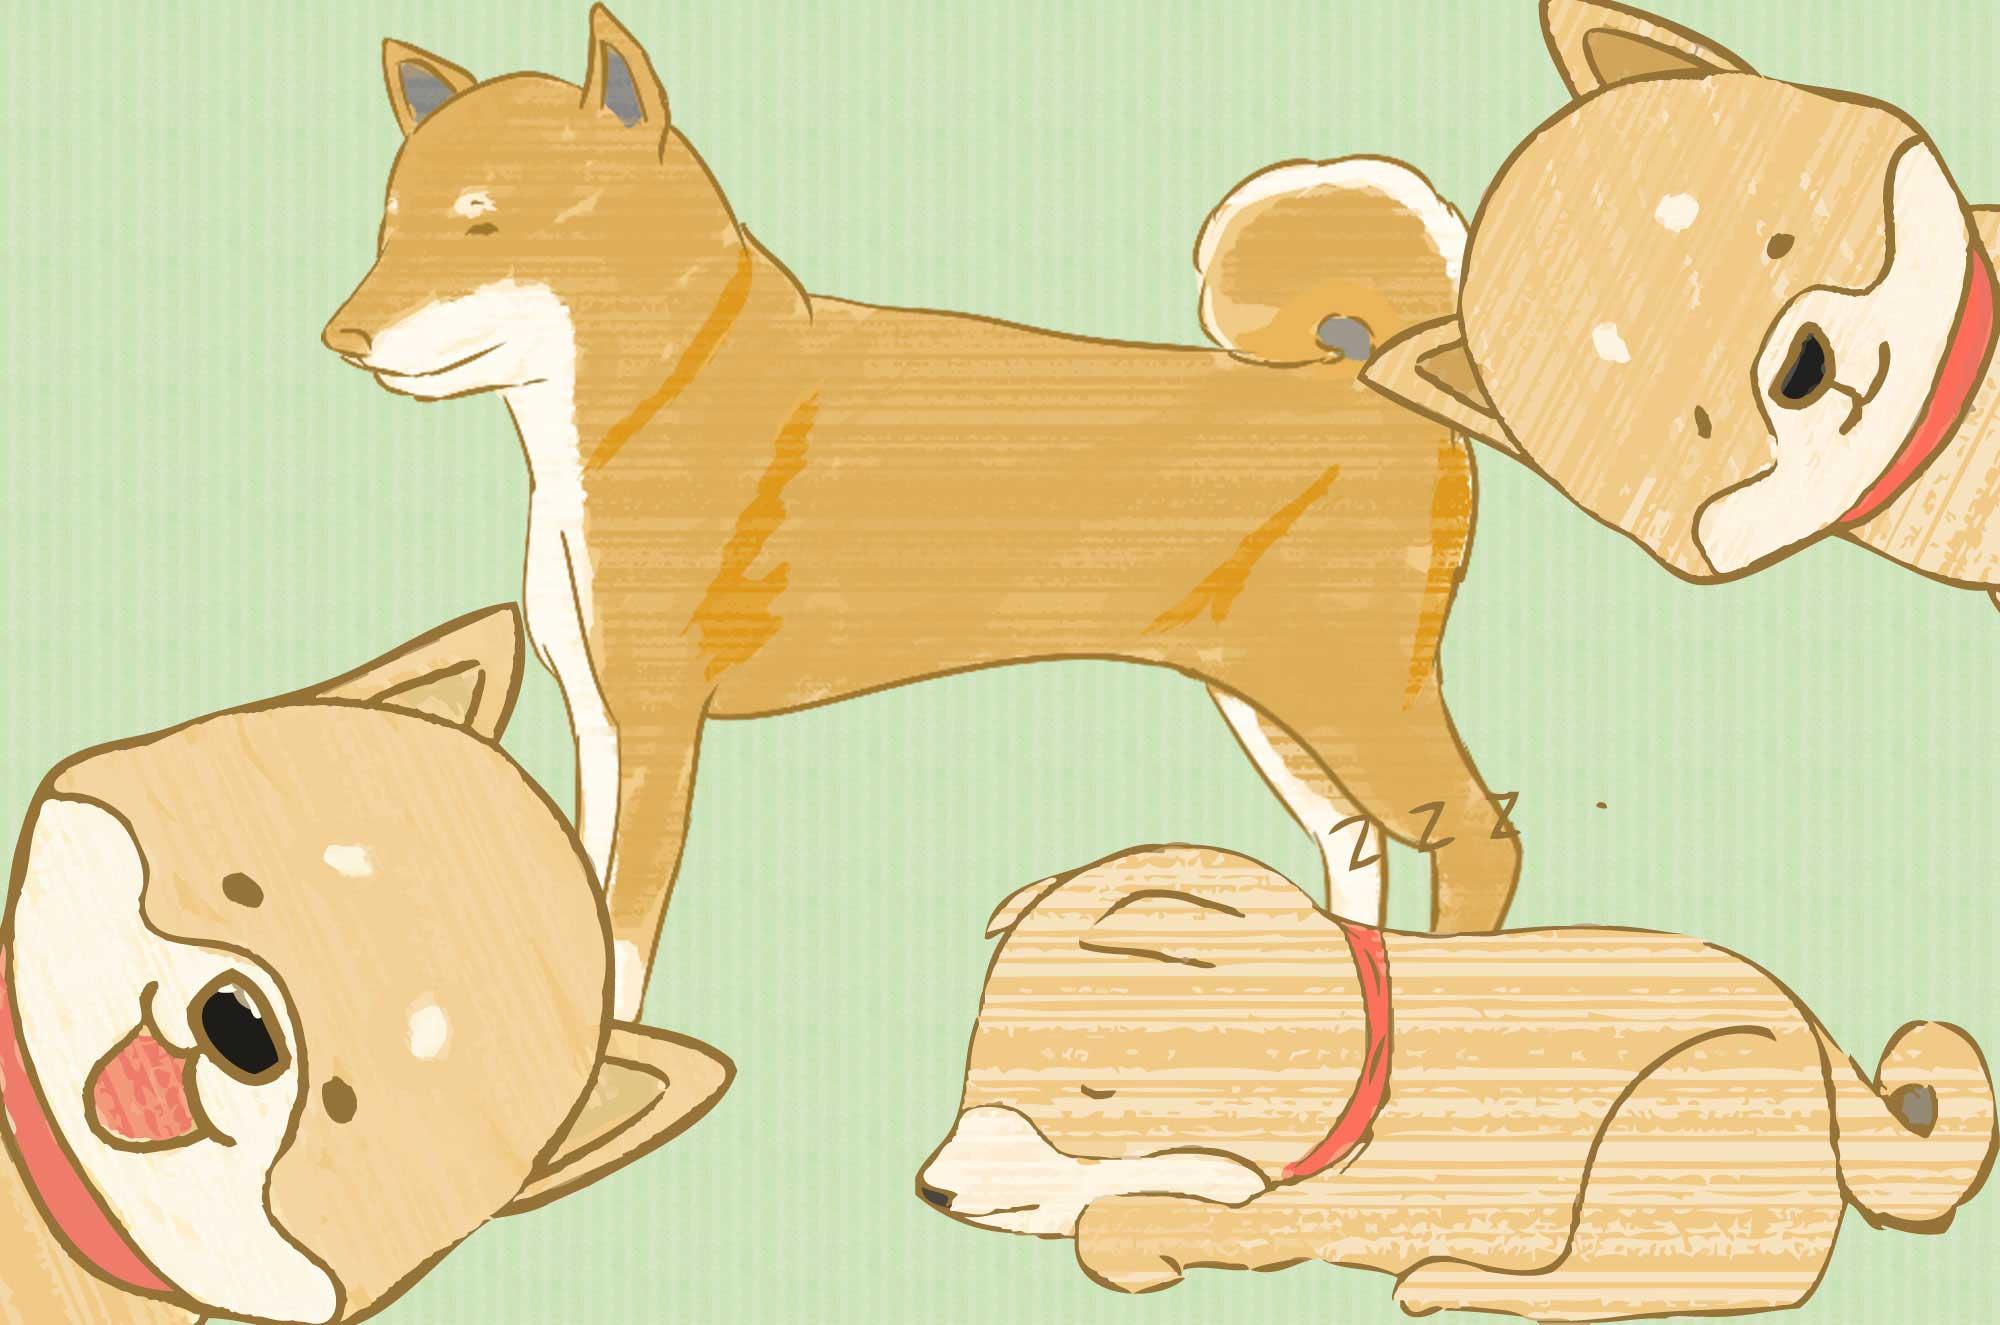 可愛い柴犬のイラスト - 手書きのラフなキャラクター素材